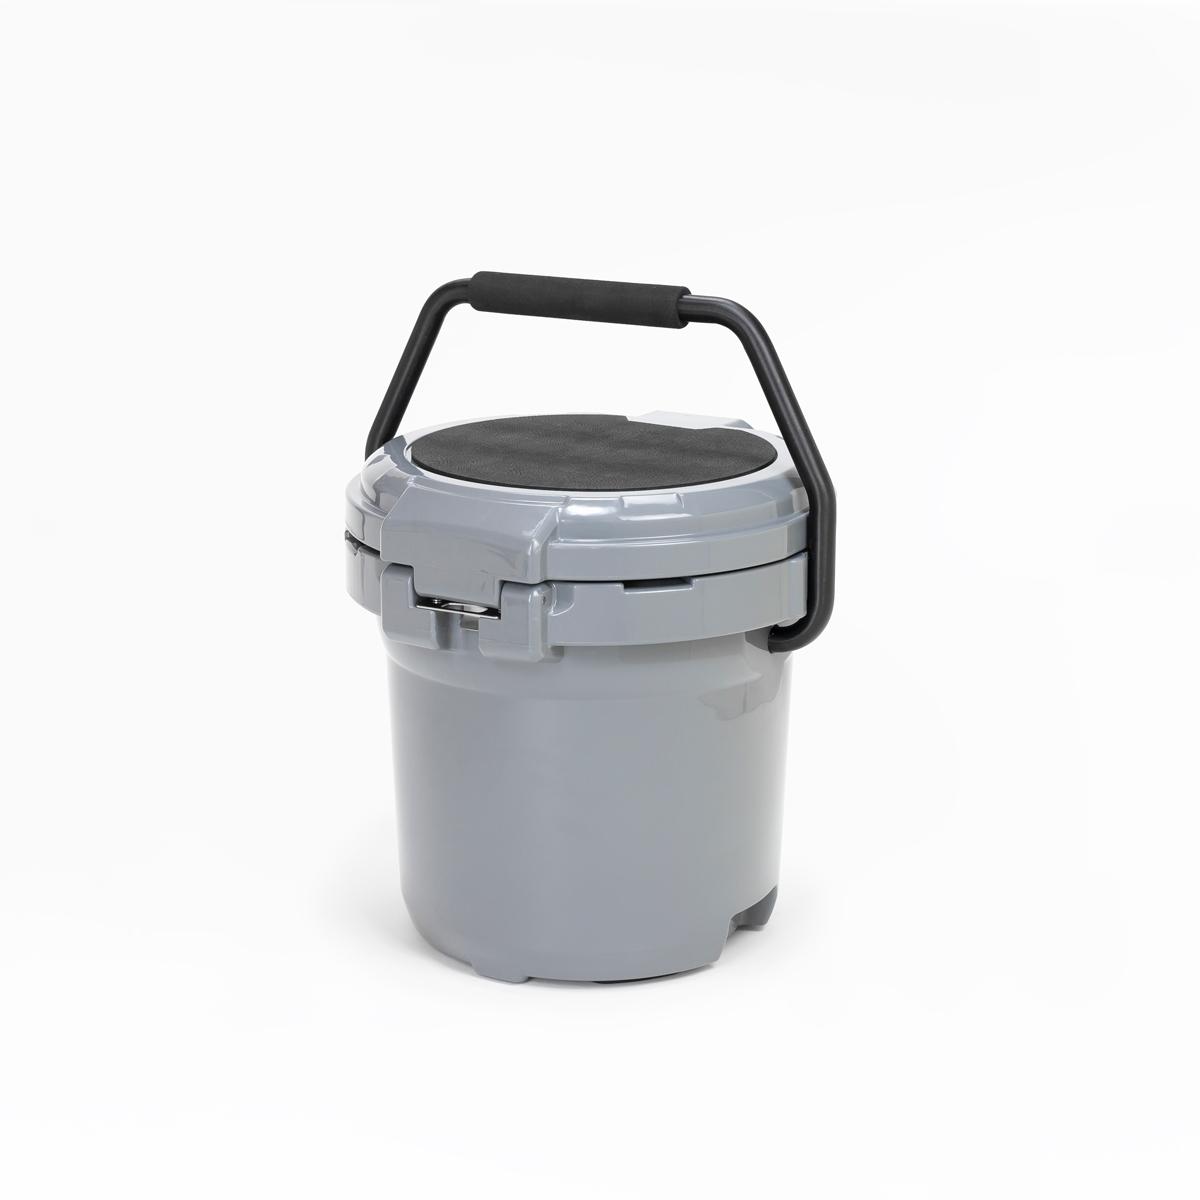 アイスロックジャグ 2.5ガロン